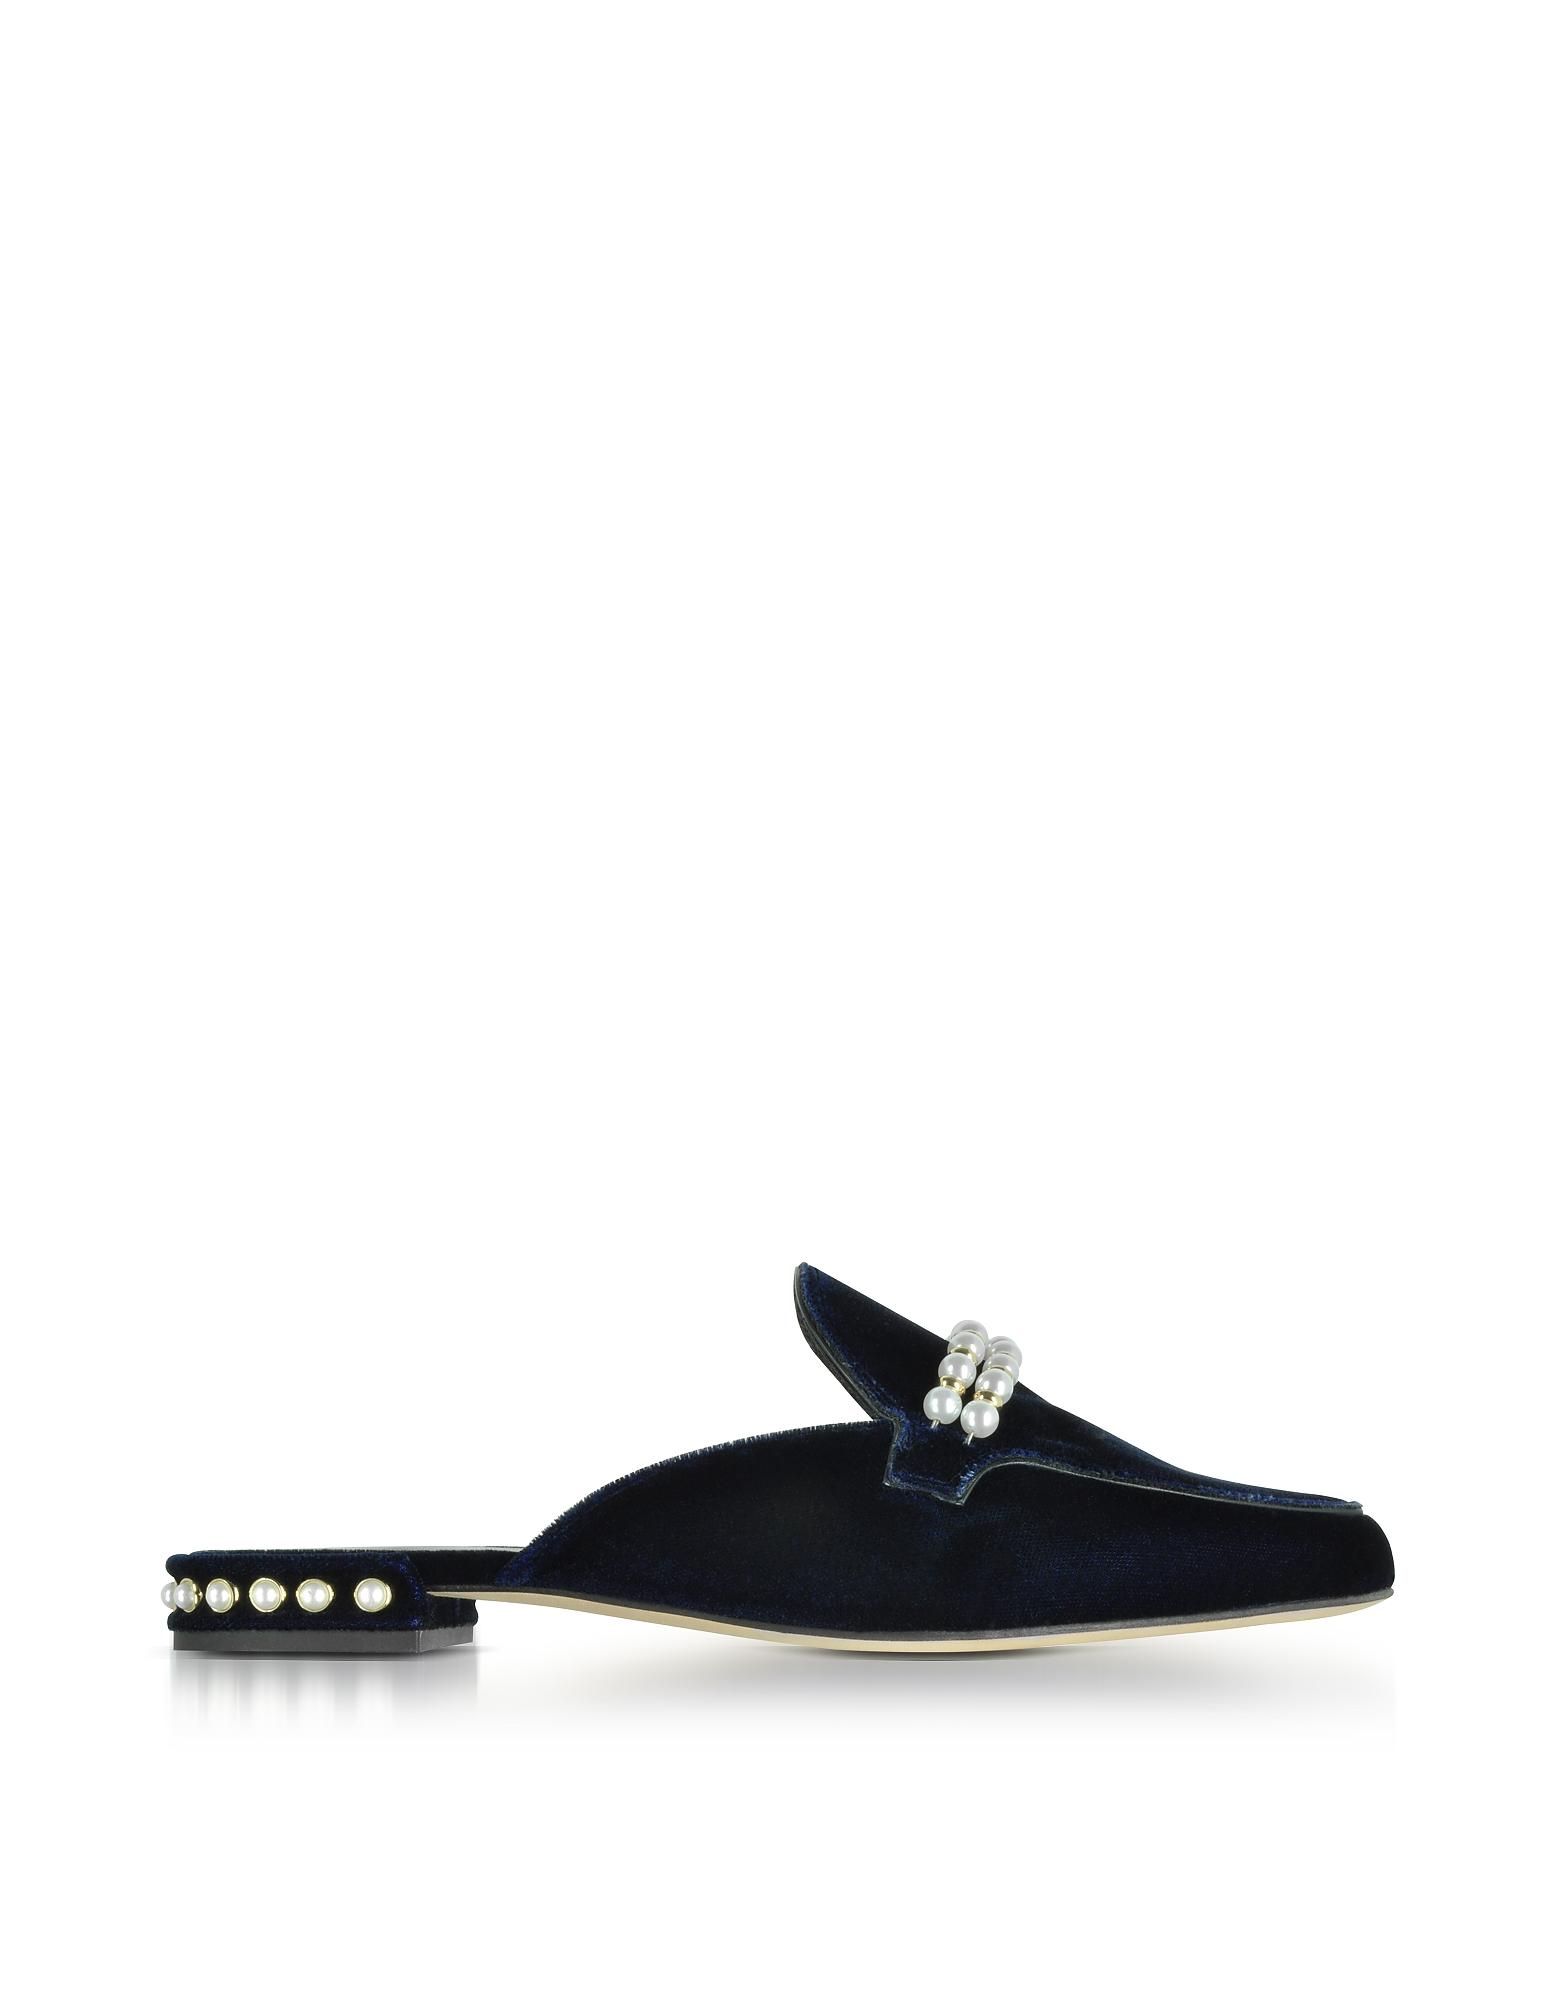 Stuart Weitzman Shoes, Guamule Navy Blue Velvet Flat Mules w/Pearls